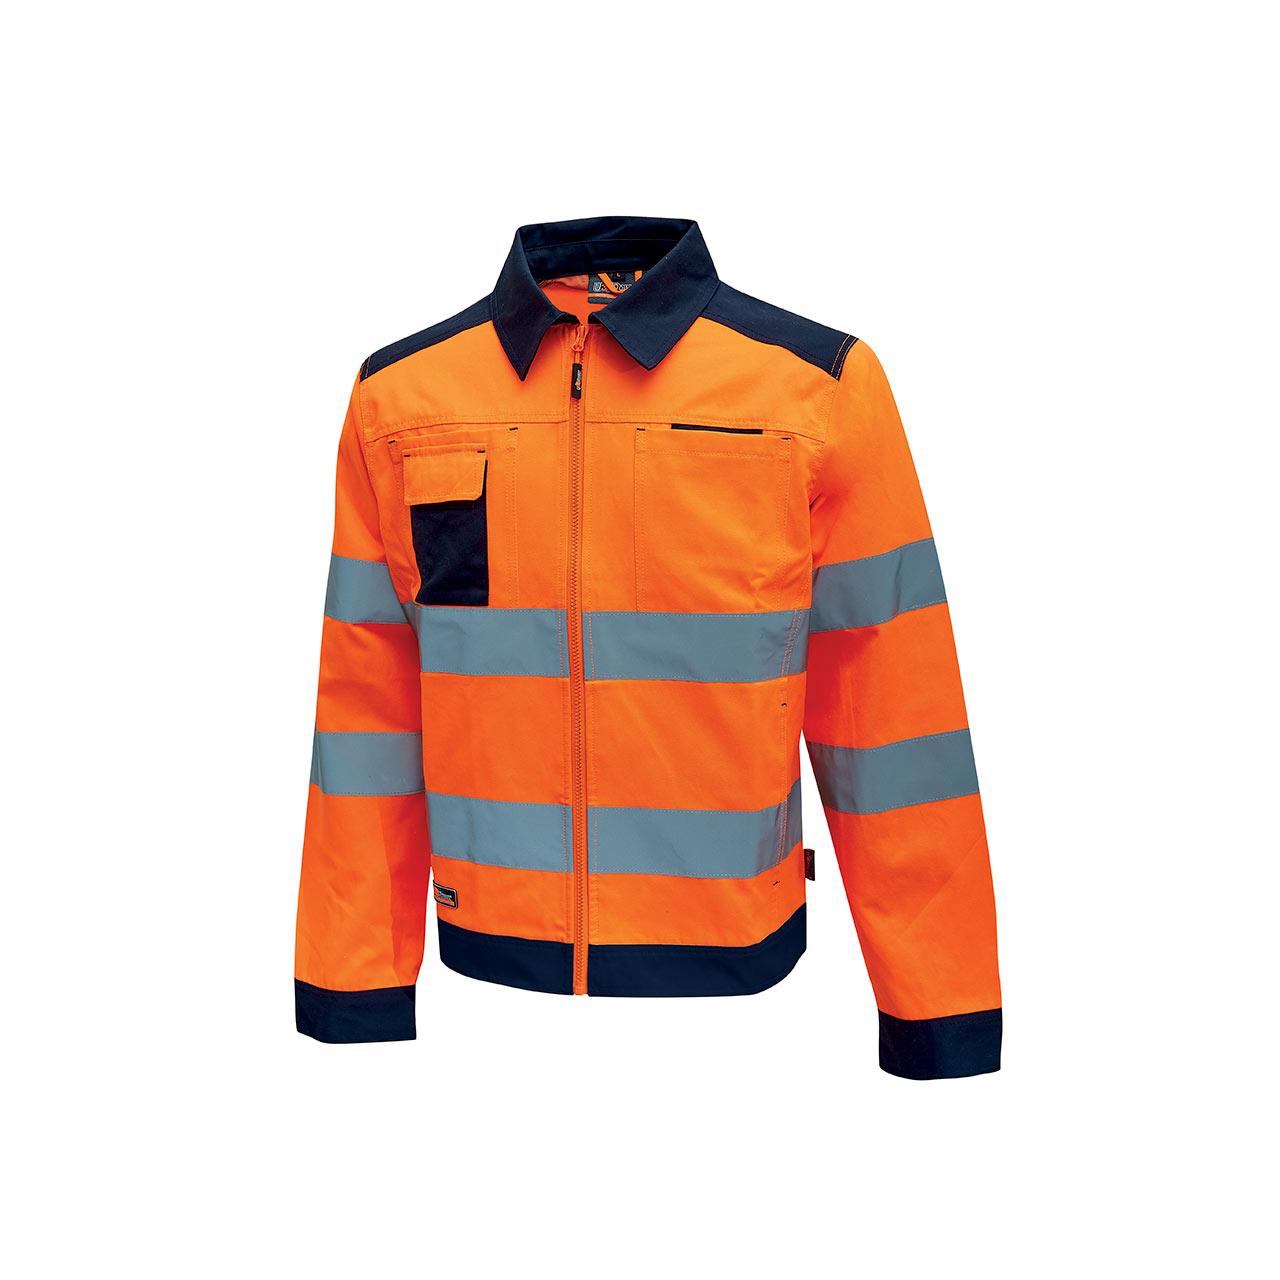 giacca da lavoro upower modello gleam colore orange flu